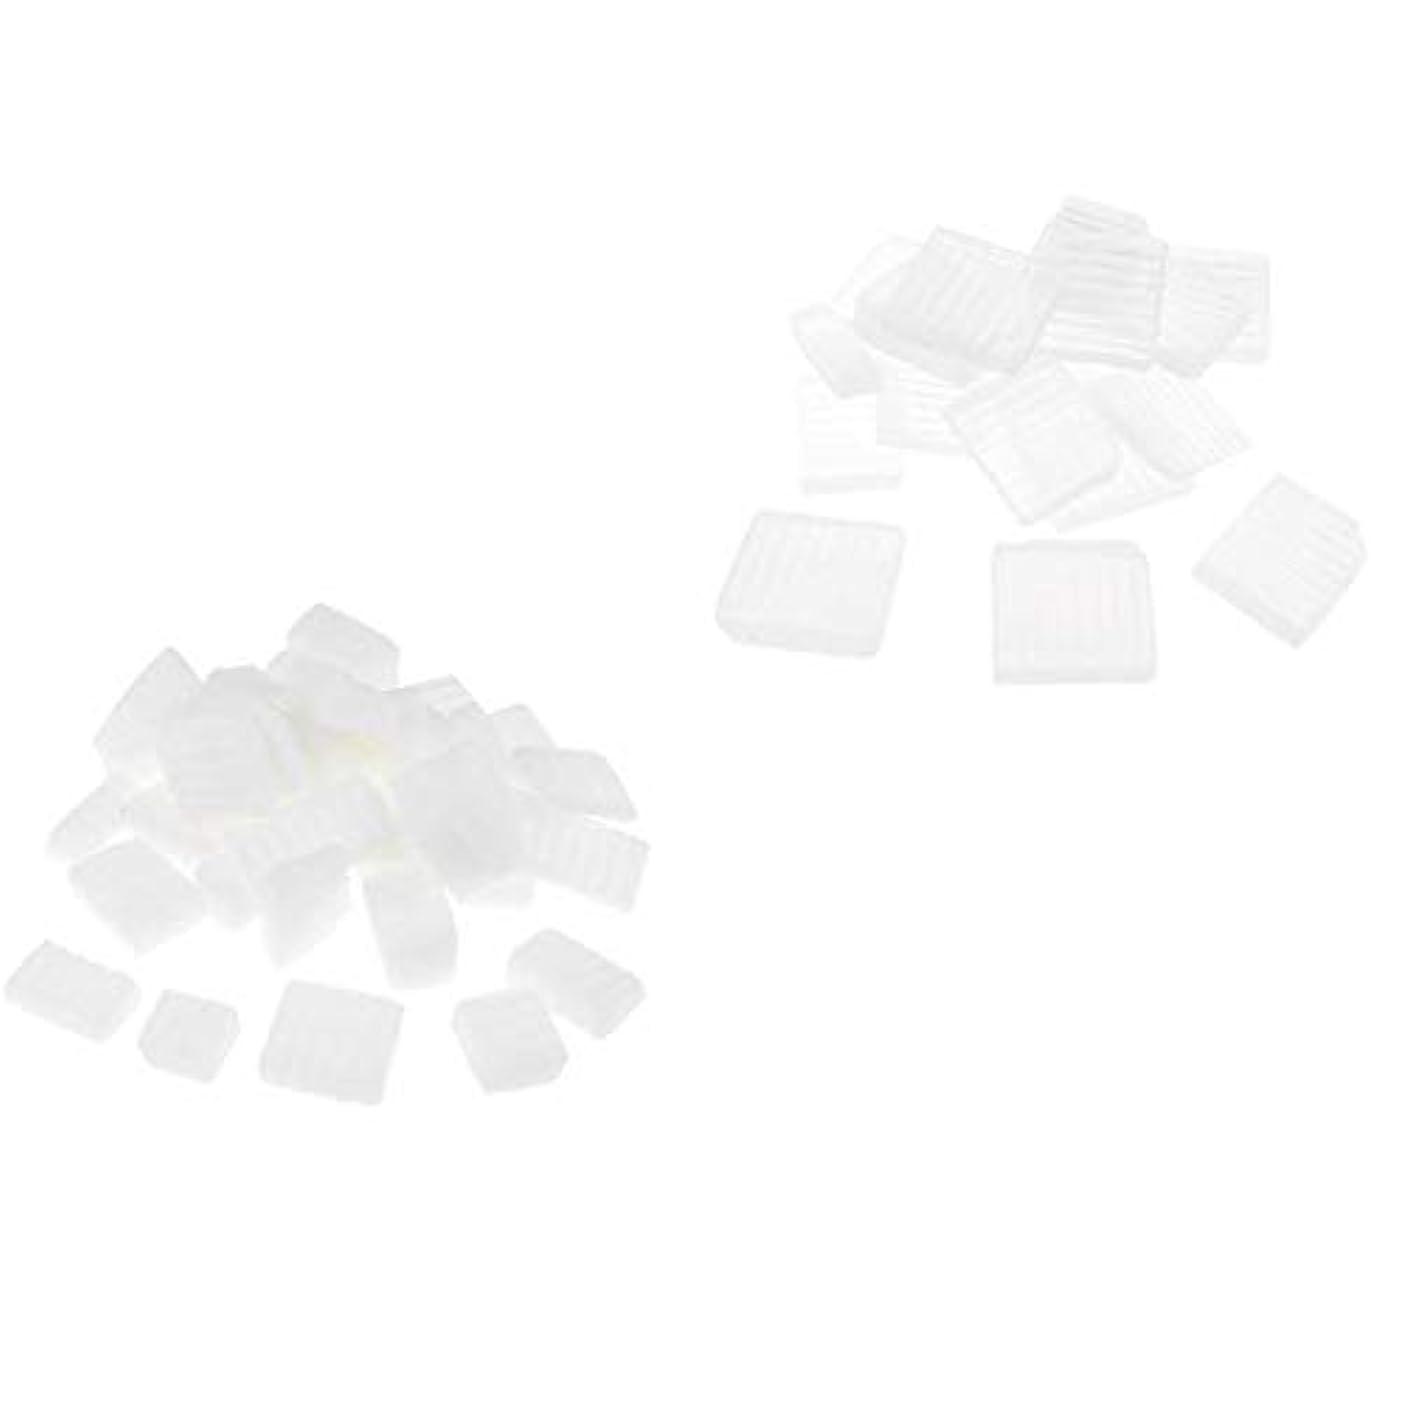 第九インシュレータ祭りD DOLITY 固形せっけん 2KG ホワイトクリア DIY工芸 手作り バス用品 石鹸製造 創造力 2種 混合